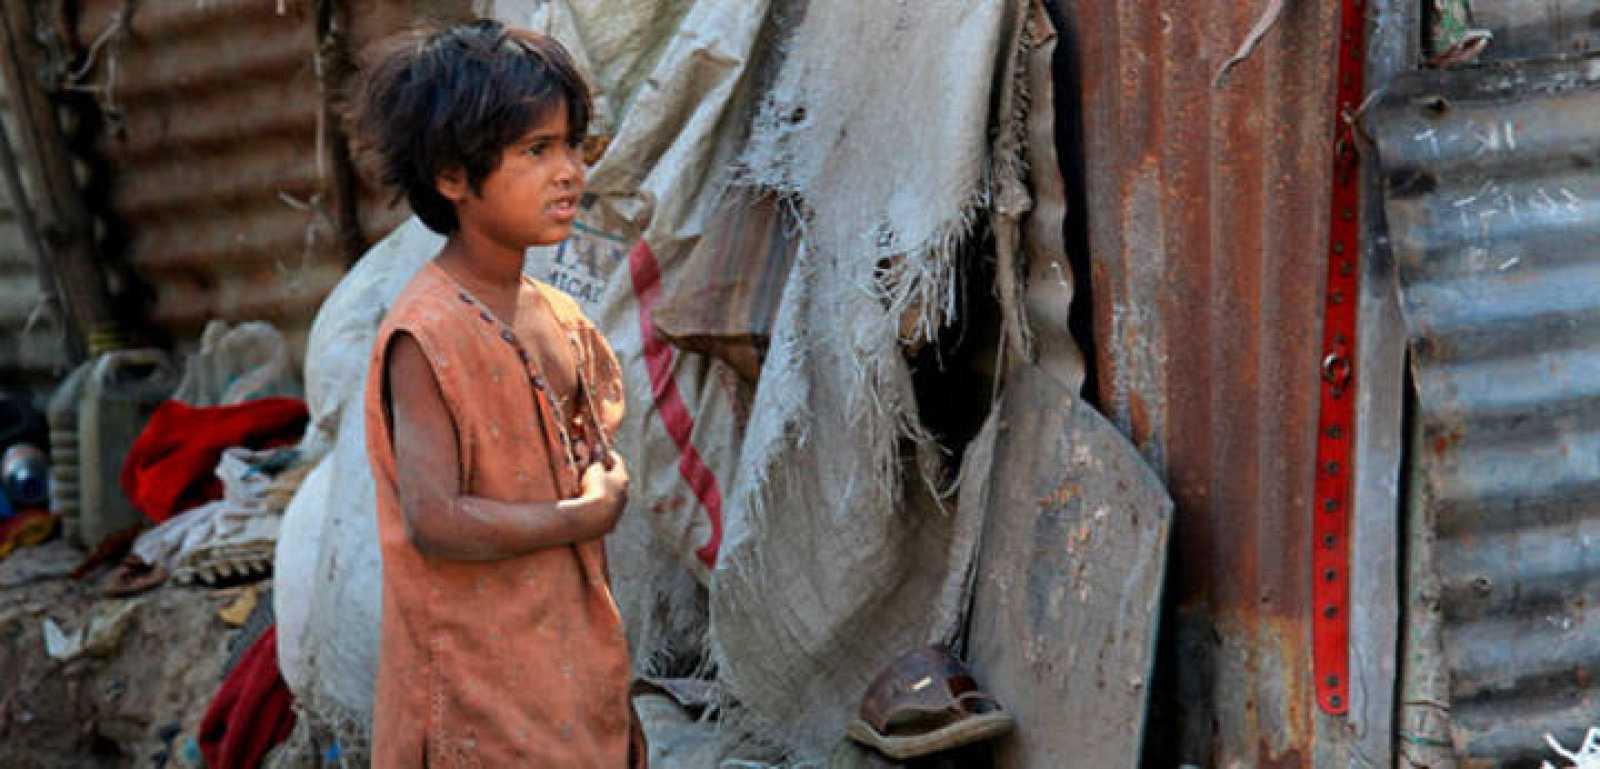 Un niño trapero indio llamado Jhuma Das espera a su madre cerca de un suburbio en la ciudad de Calcuta, en la India. Miles de personas, en su mayoría mujeres, recogen trapos y otros materiales de vertederos.